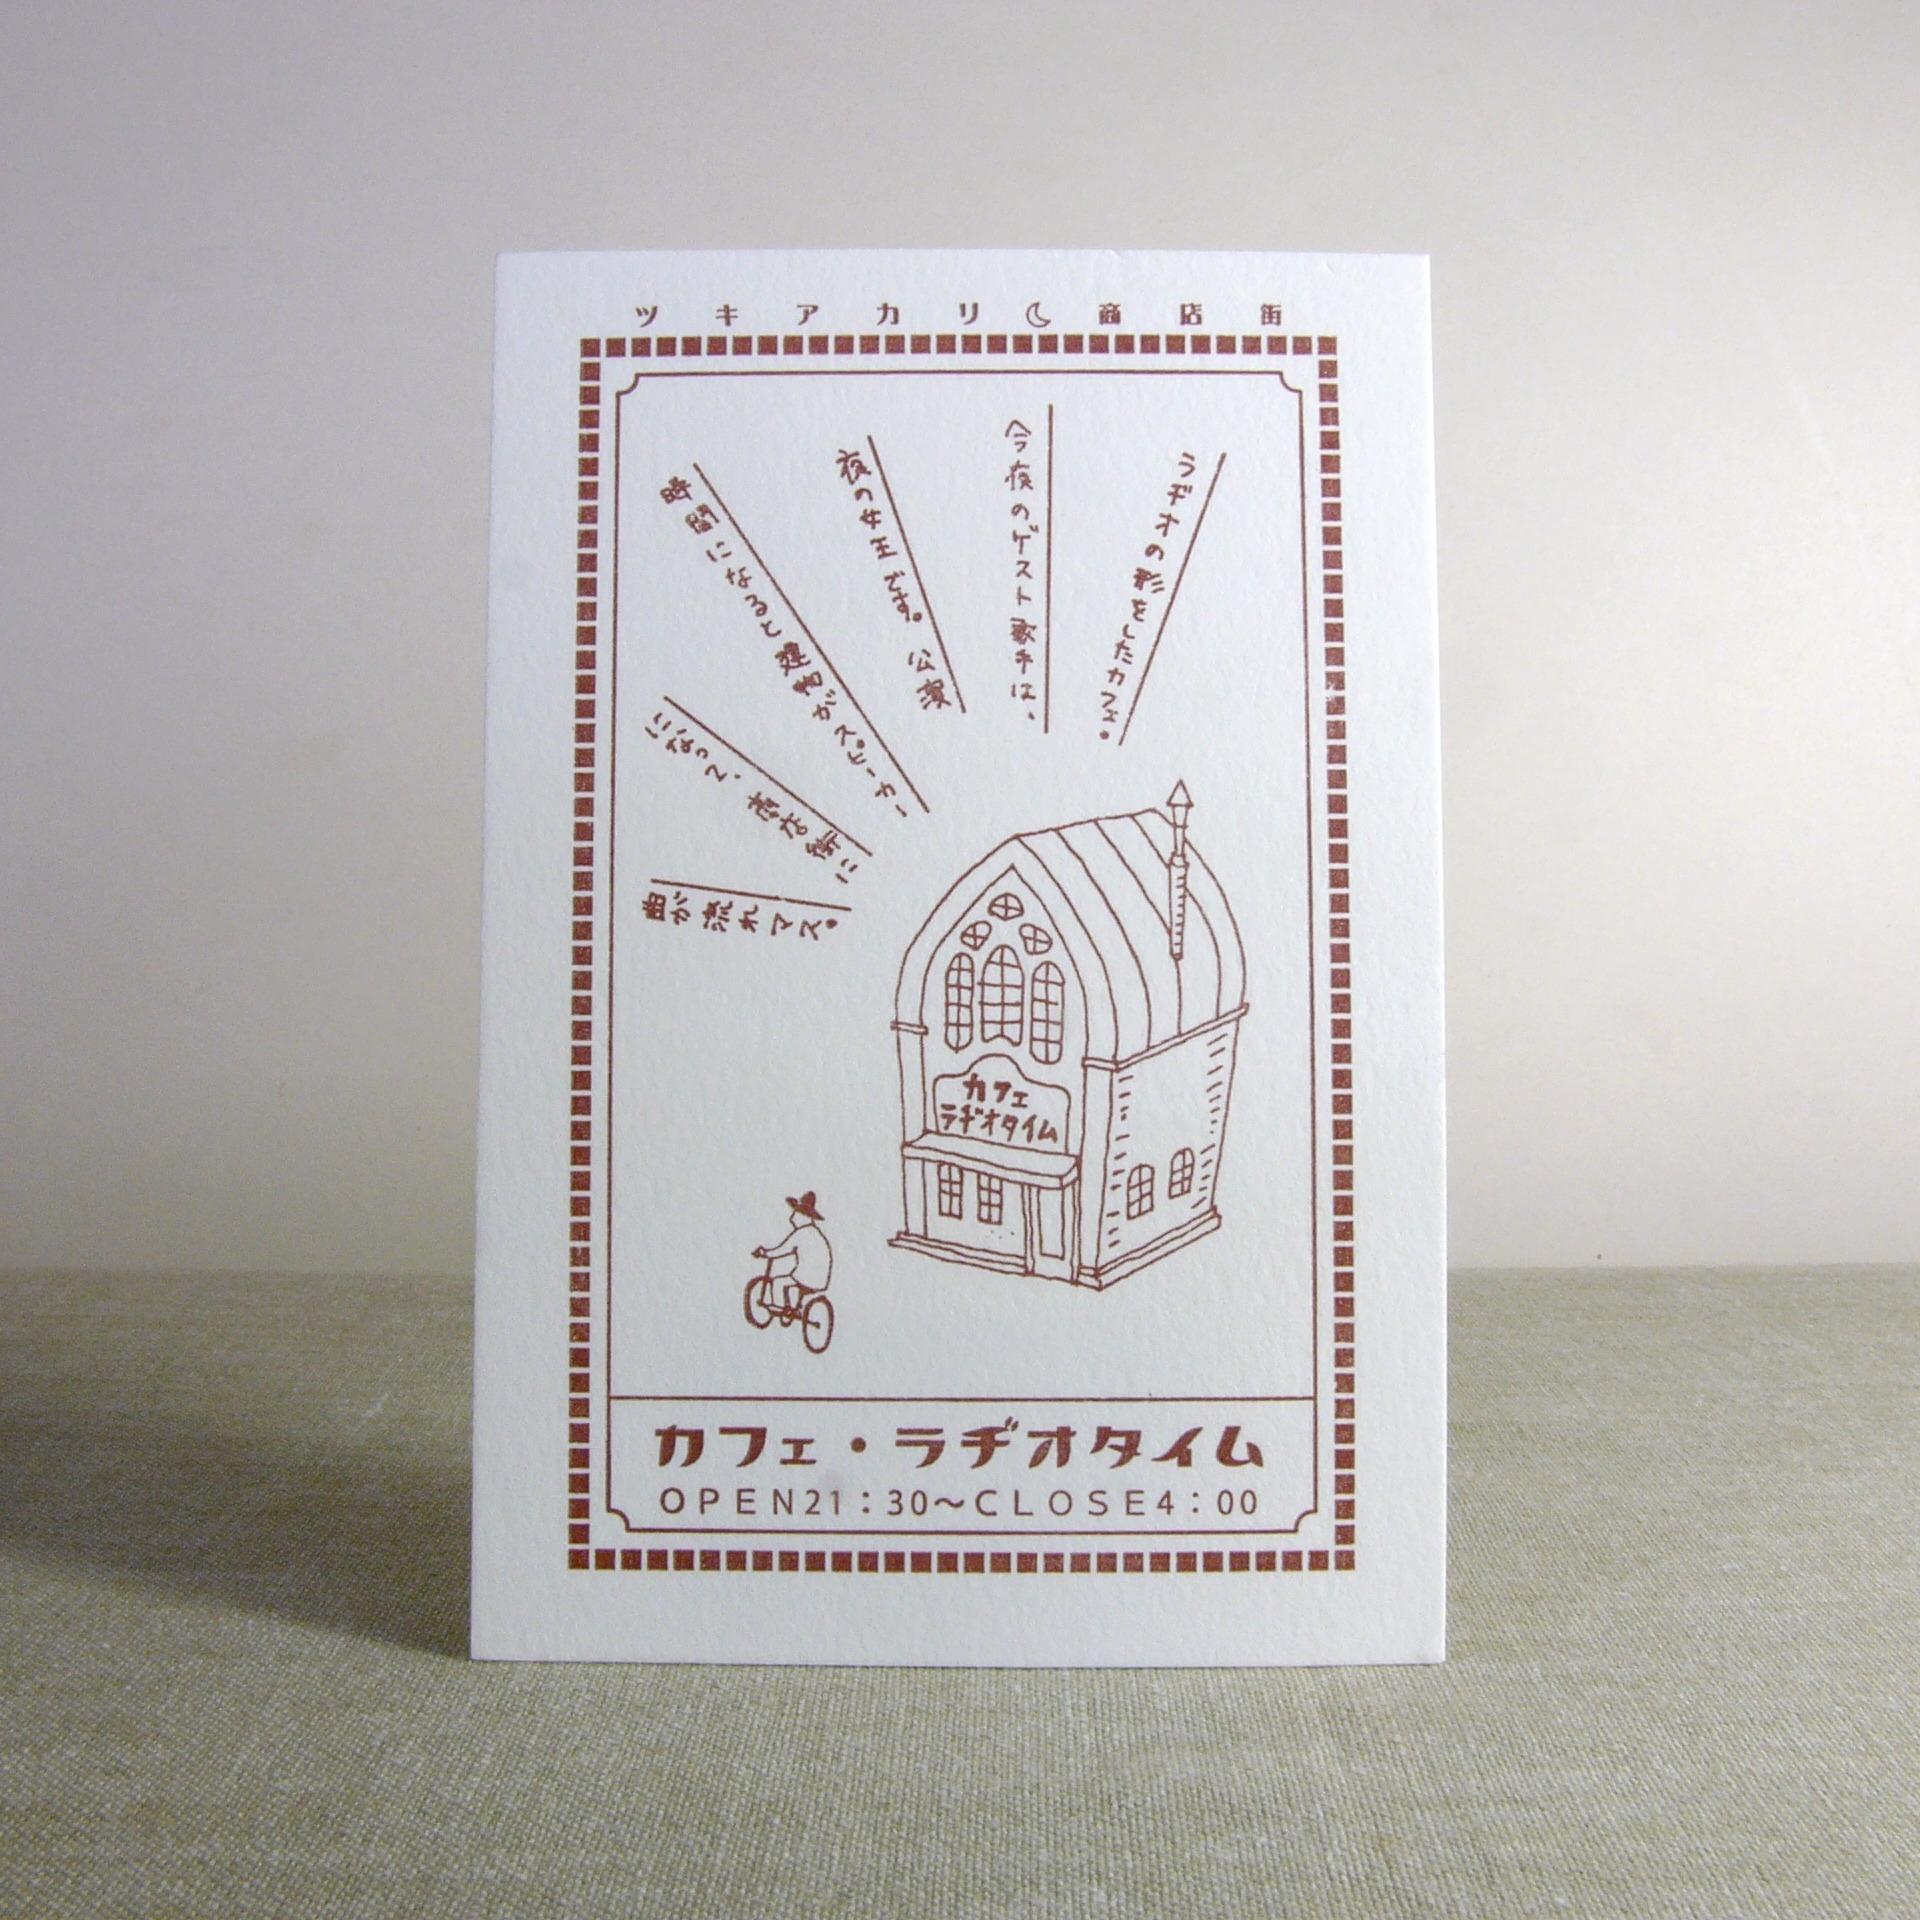 ツキアカリ商店街・カフェ・ラジオタイム